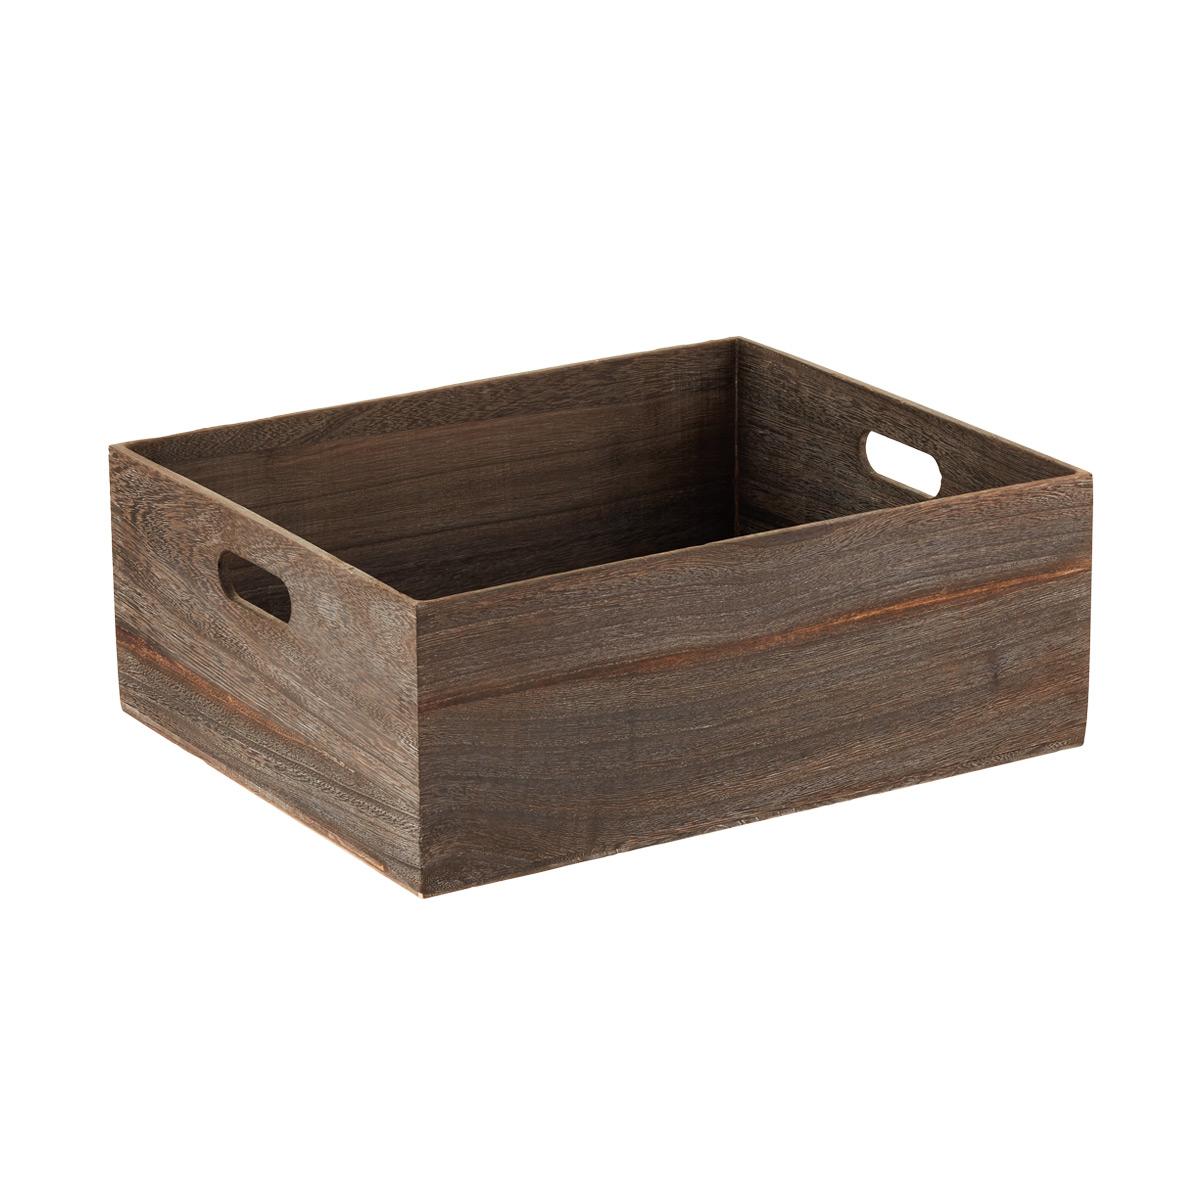 Exceptionnel Feathergrain Wooden Storage Bins With Handles